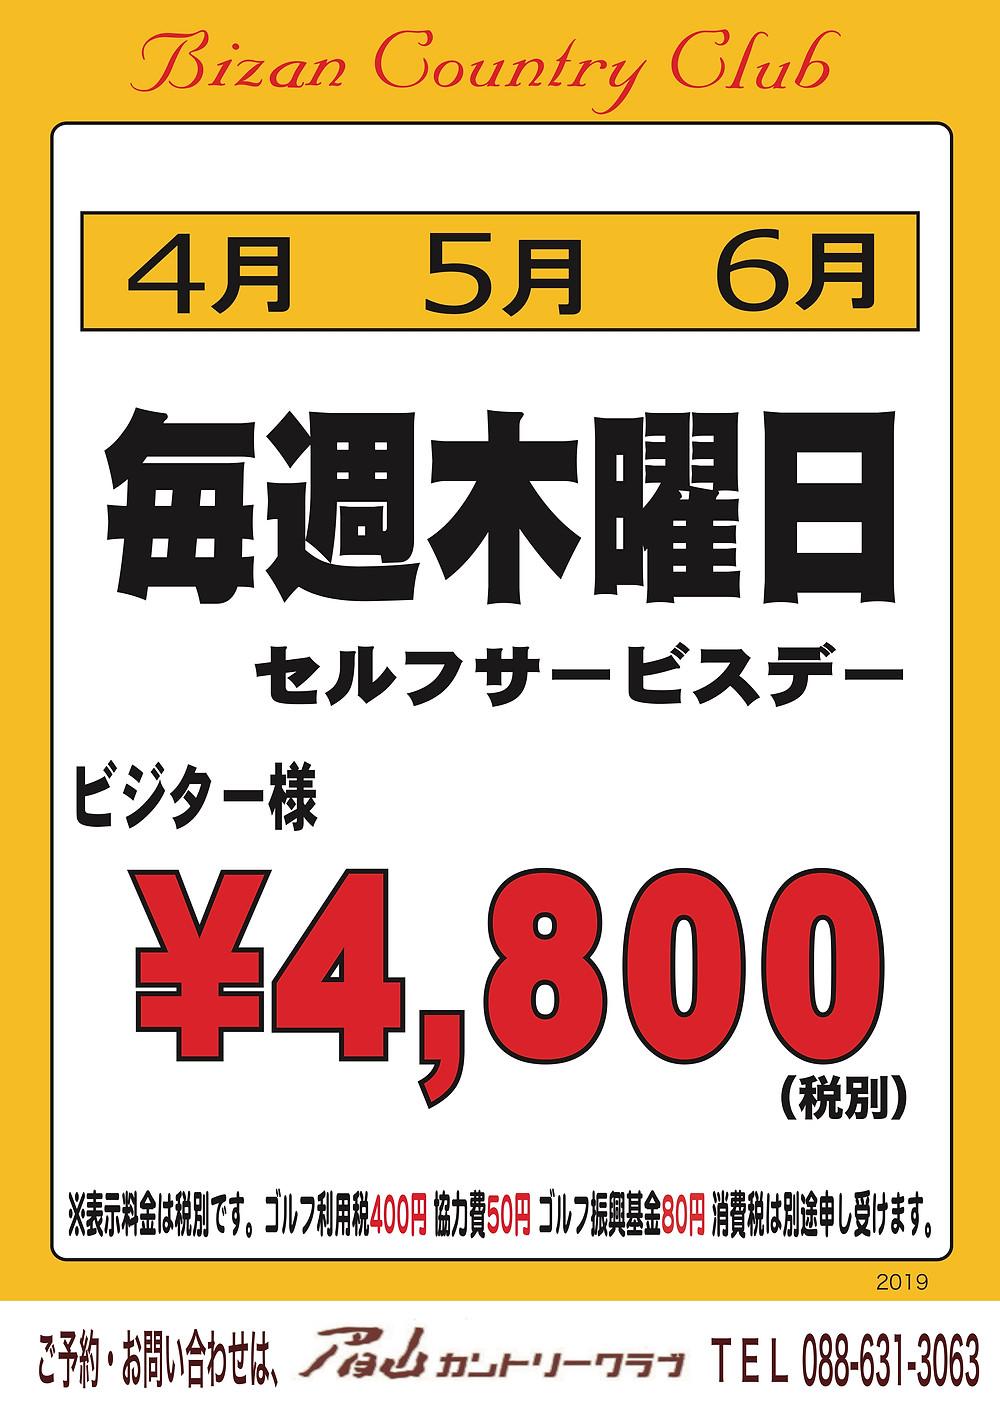 毎週木曜セルフサービスデー 4,800円